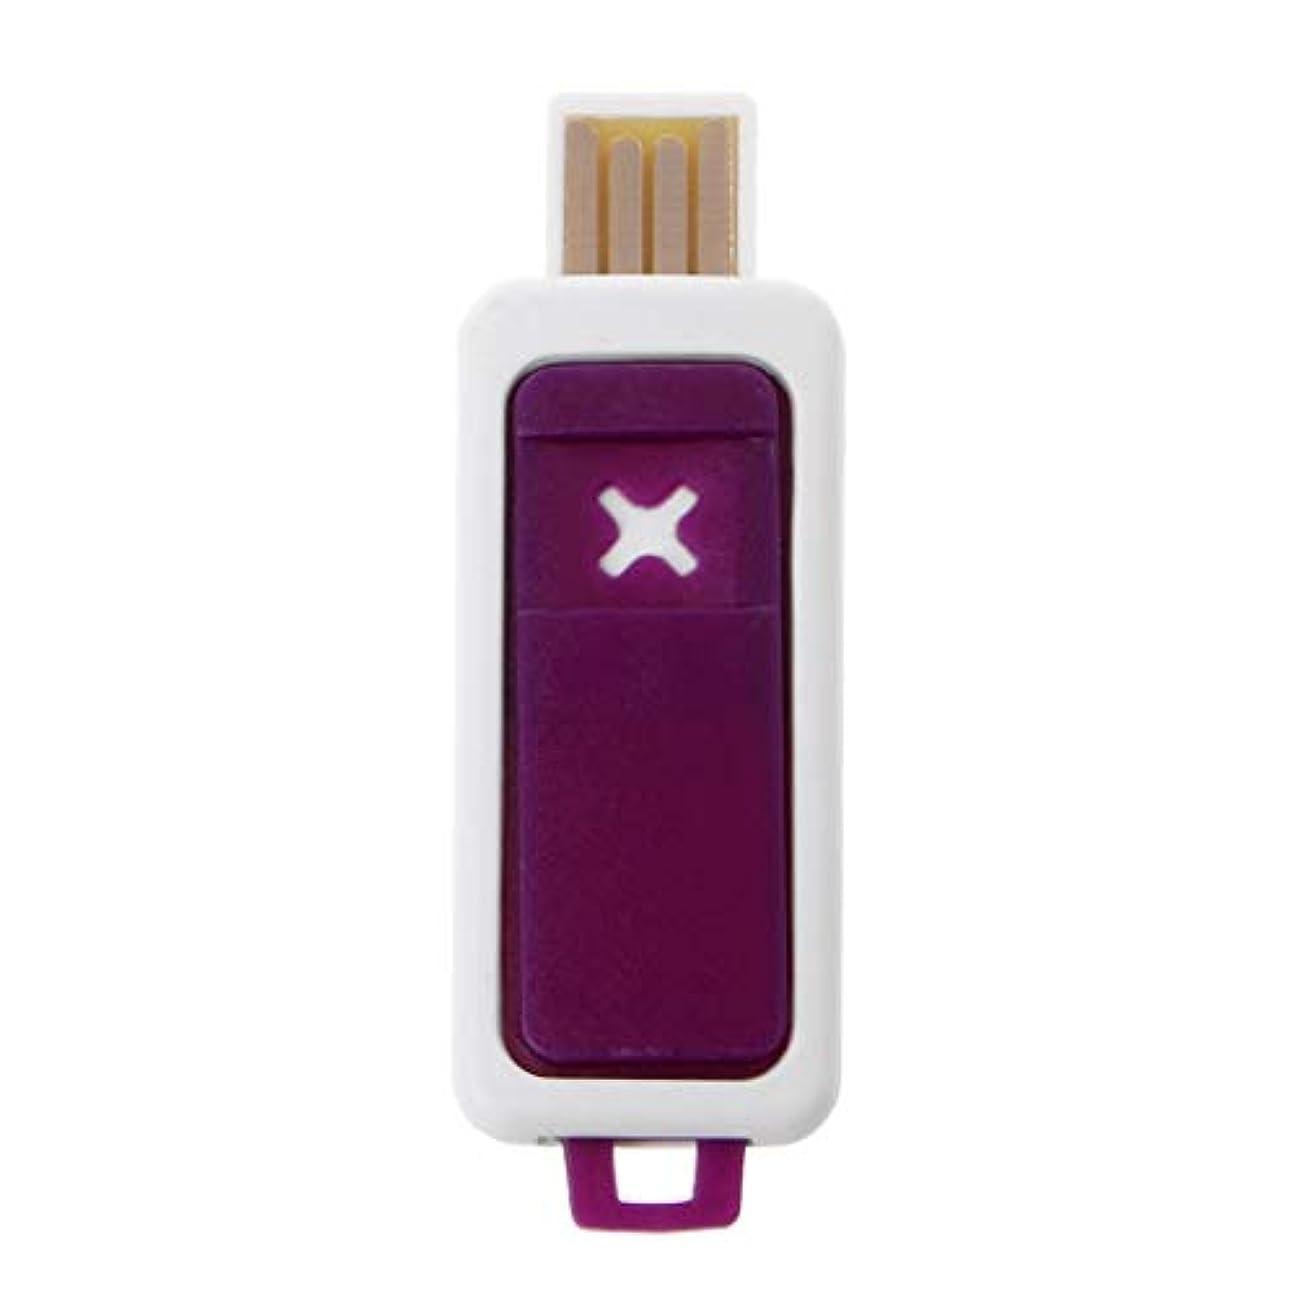 尊厳それにもかかわらずピースSimpleLife ポータブルミニエッセンシャルオイルディフューザーアロマUSBアロマテラピー加湿器デバイス(パープル2.3x6.7cm / 0.91x2.64in)